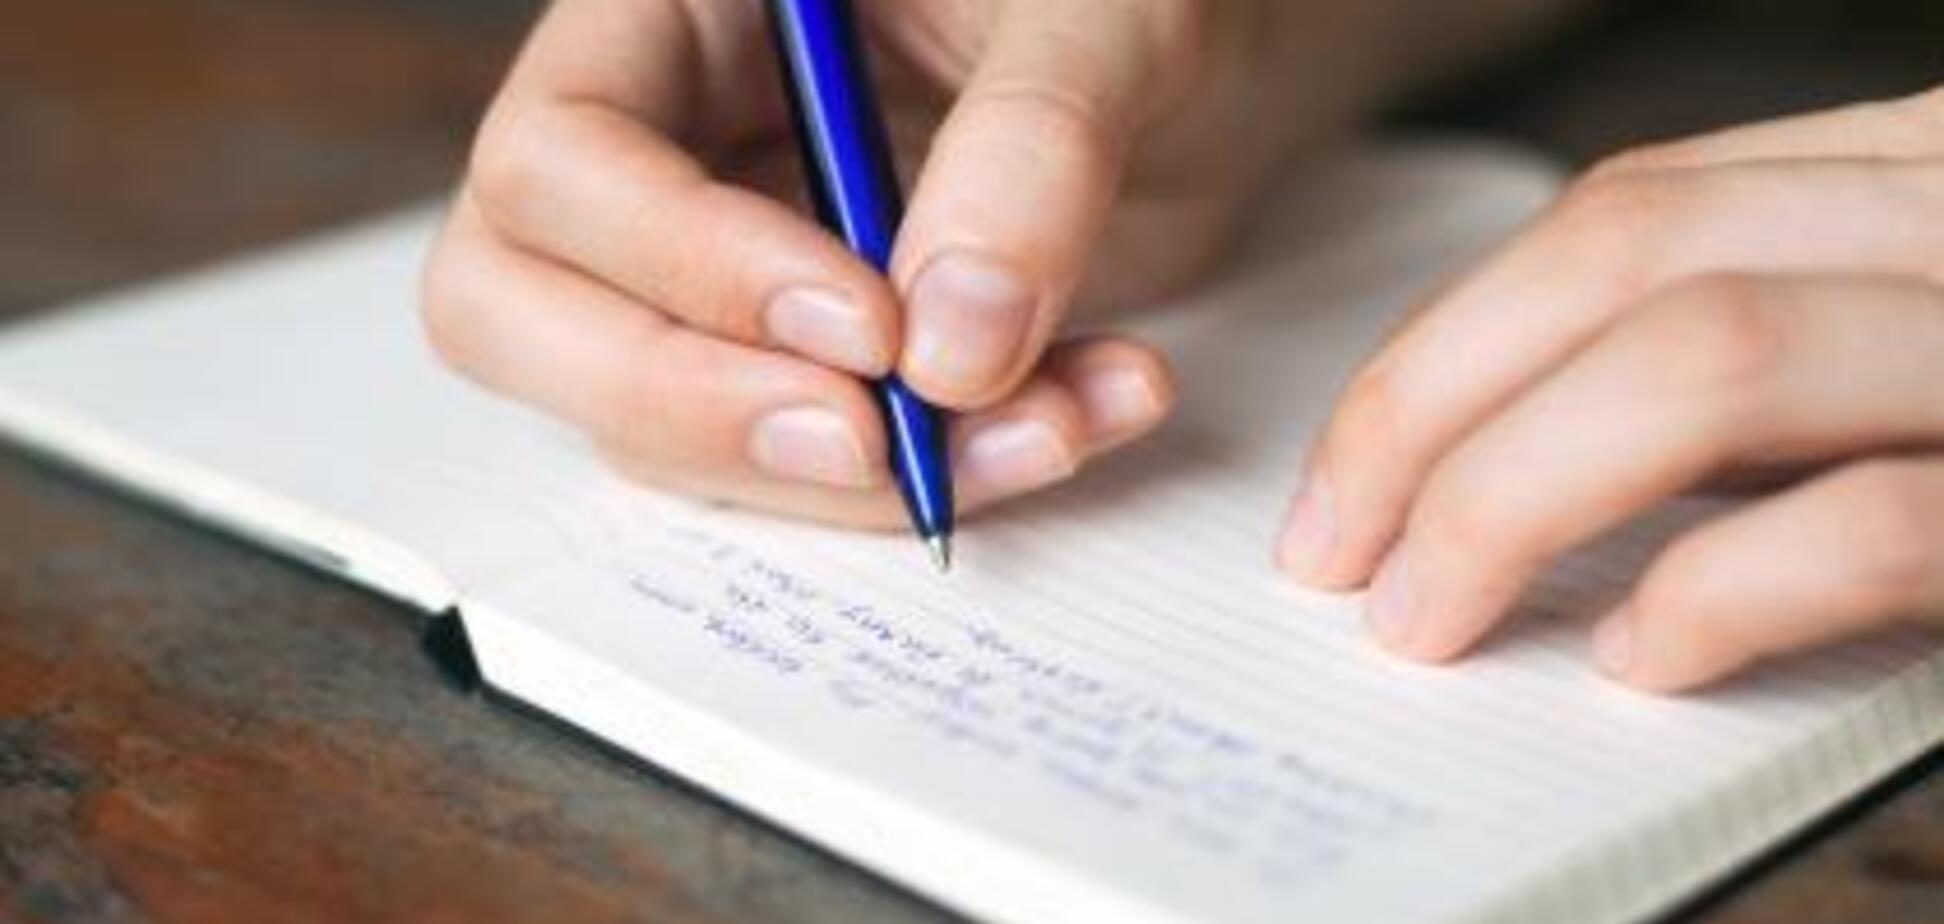 Про які хвороби говорить порушення почерку: головні ознаки